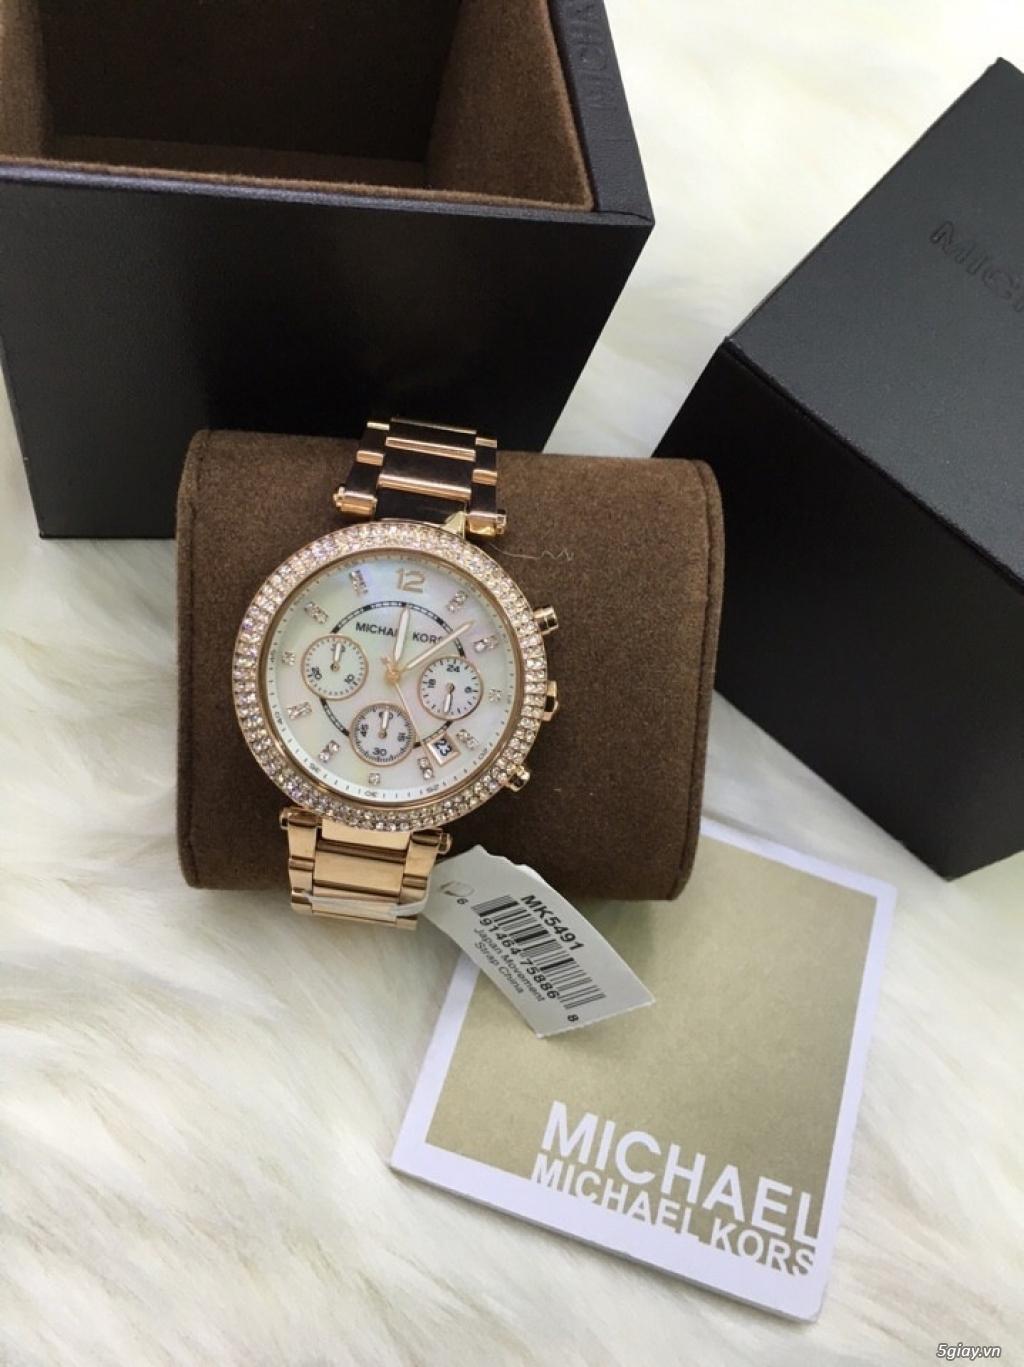 Đồng hồ chính hãng Michael Kors giá rẻ - 43